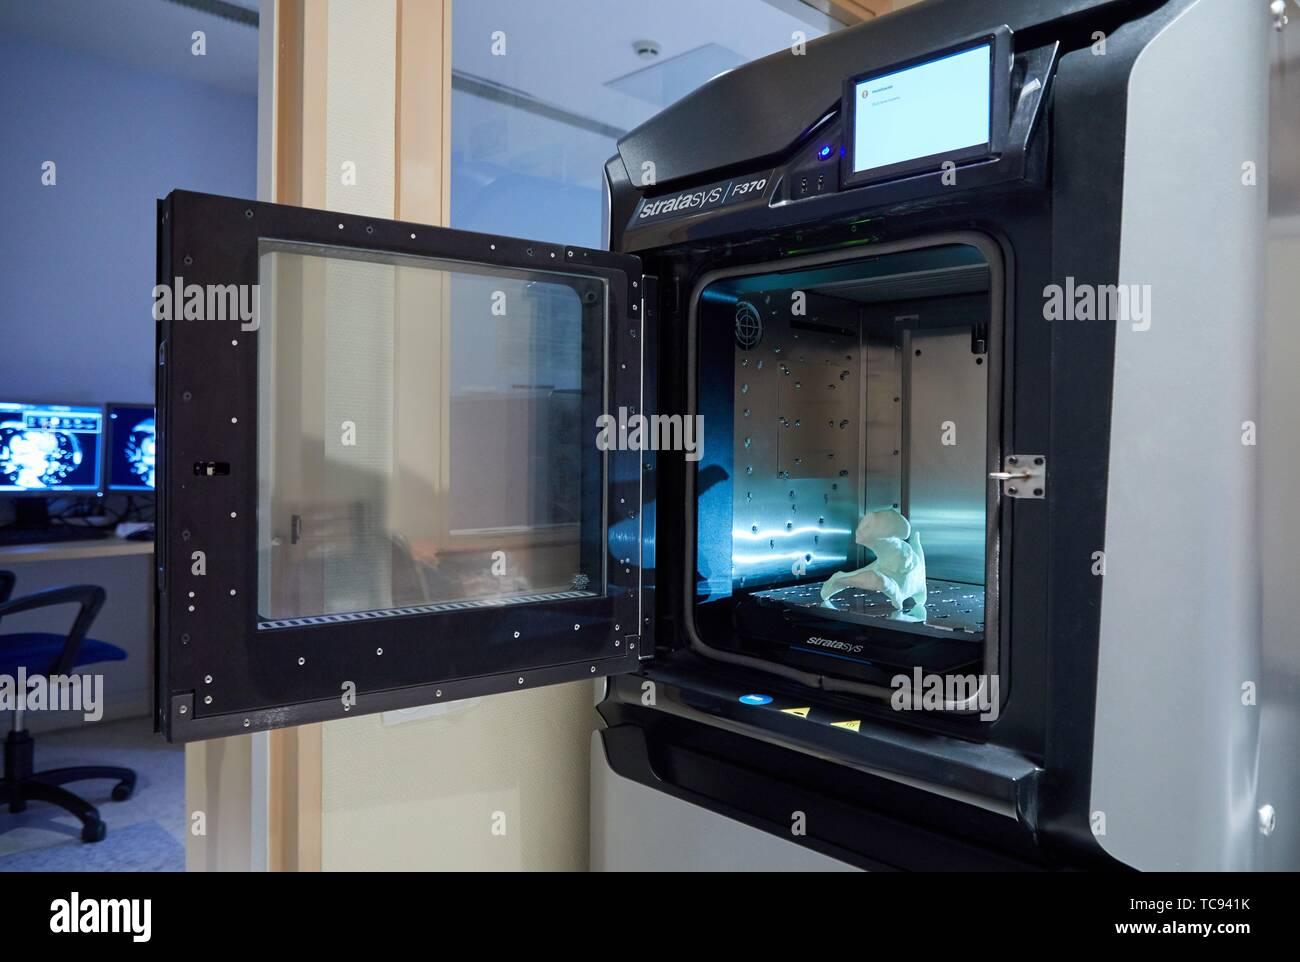 Impression 3D d'une de la hanche du patient à partir d'une image médicale, imprimante 3D, technologies d'additifs ou PolyJet FDM pour le prototypage rapide, radiologie, Hôpital Photo Stock